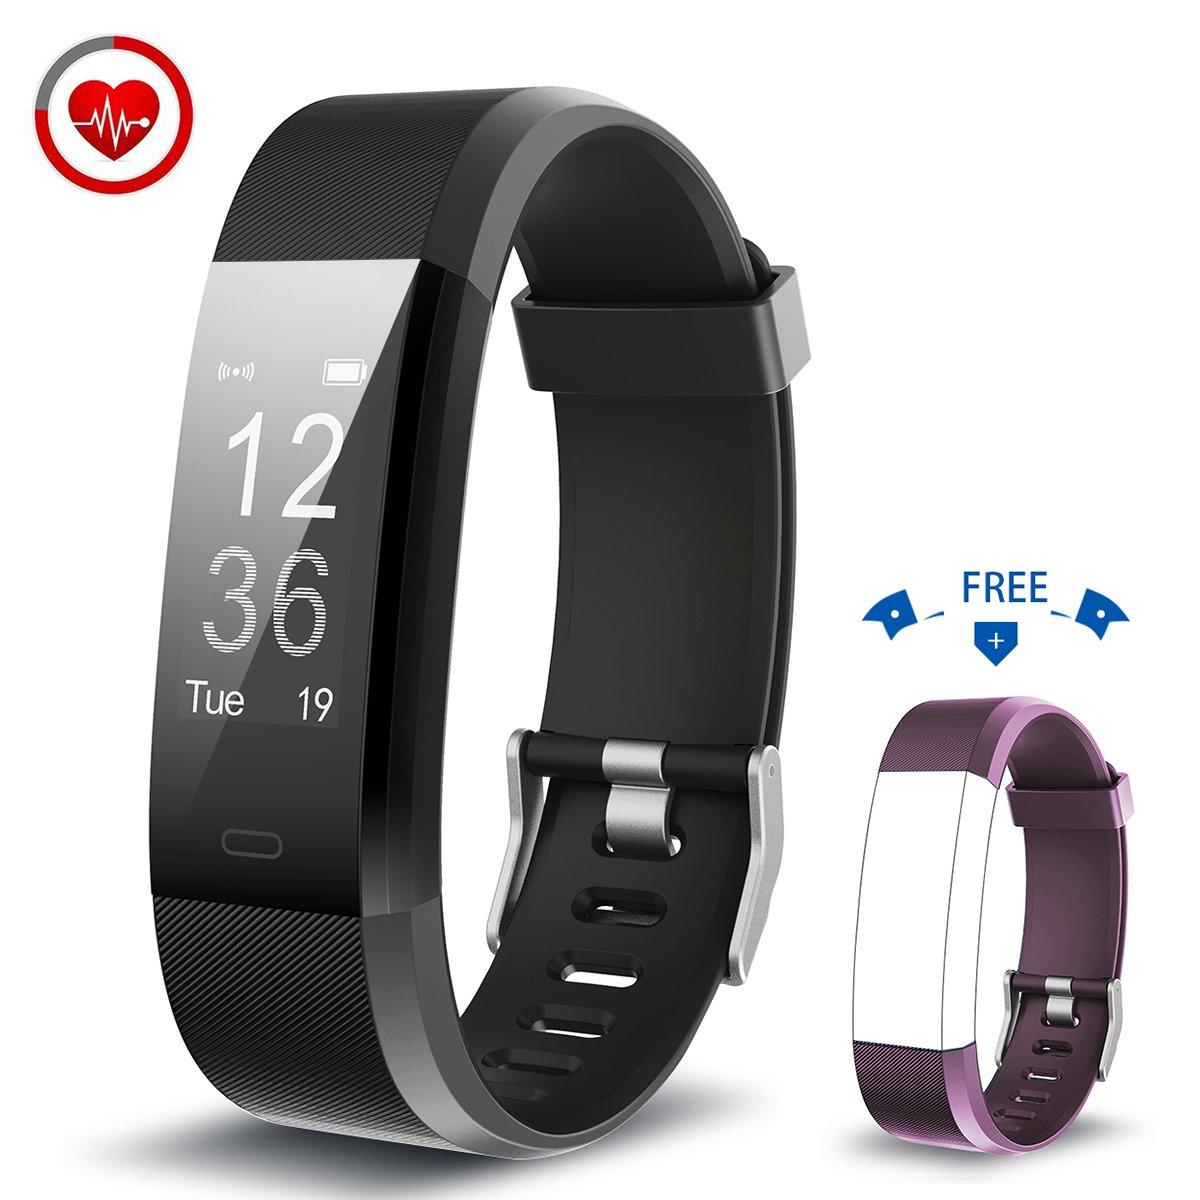 Vigorun Fitness Armband YG3 Plus Fitness Tracker mit Pulsmesser Multi-Sport-Modus Aktivitä tstracker Schrittzä hler Kalorienzä hler Schlafü berwachung fü r iOS und Android (Schwarz+Violett) Black+Purple